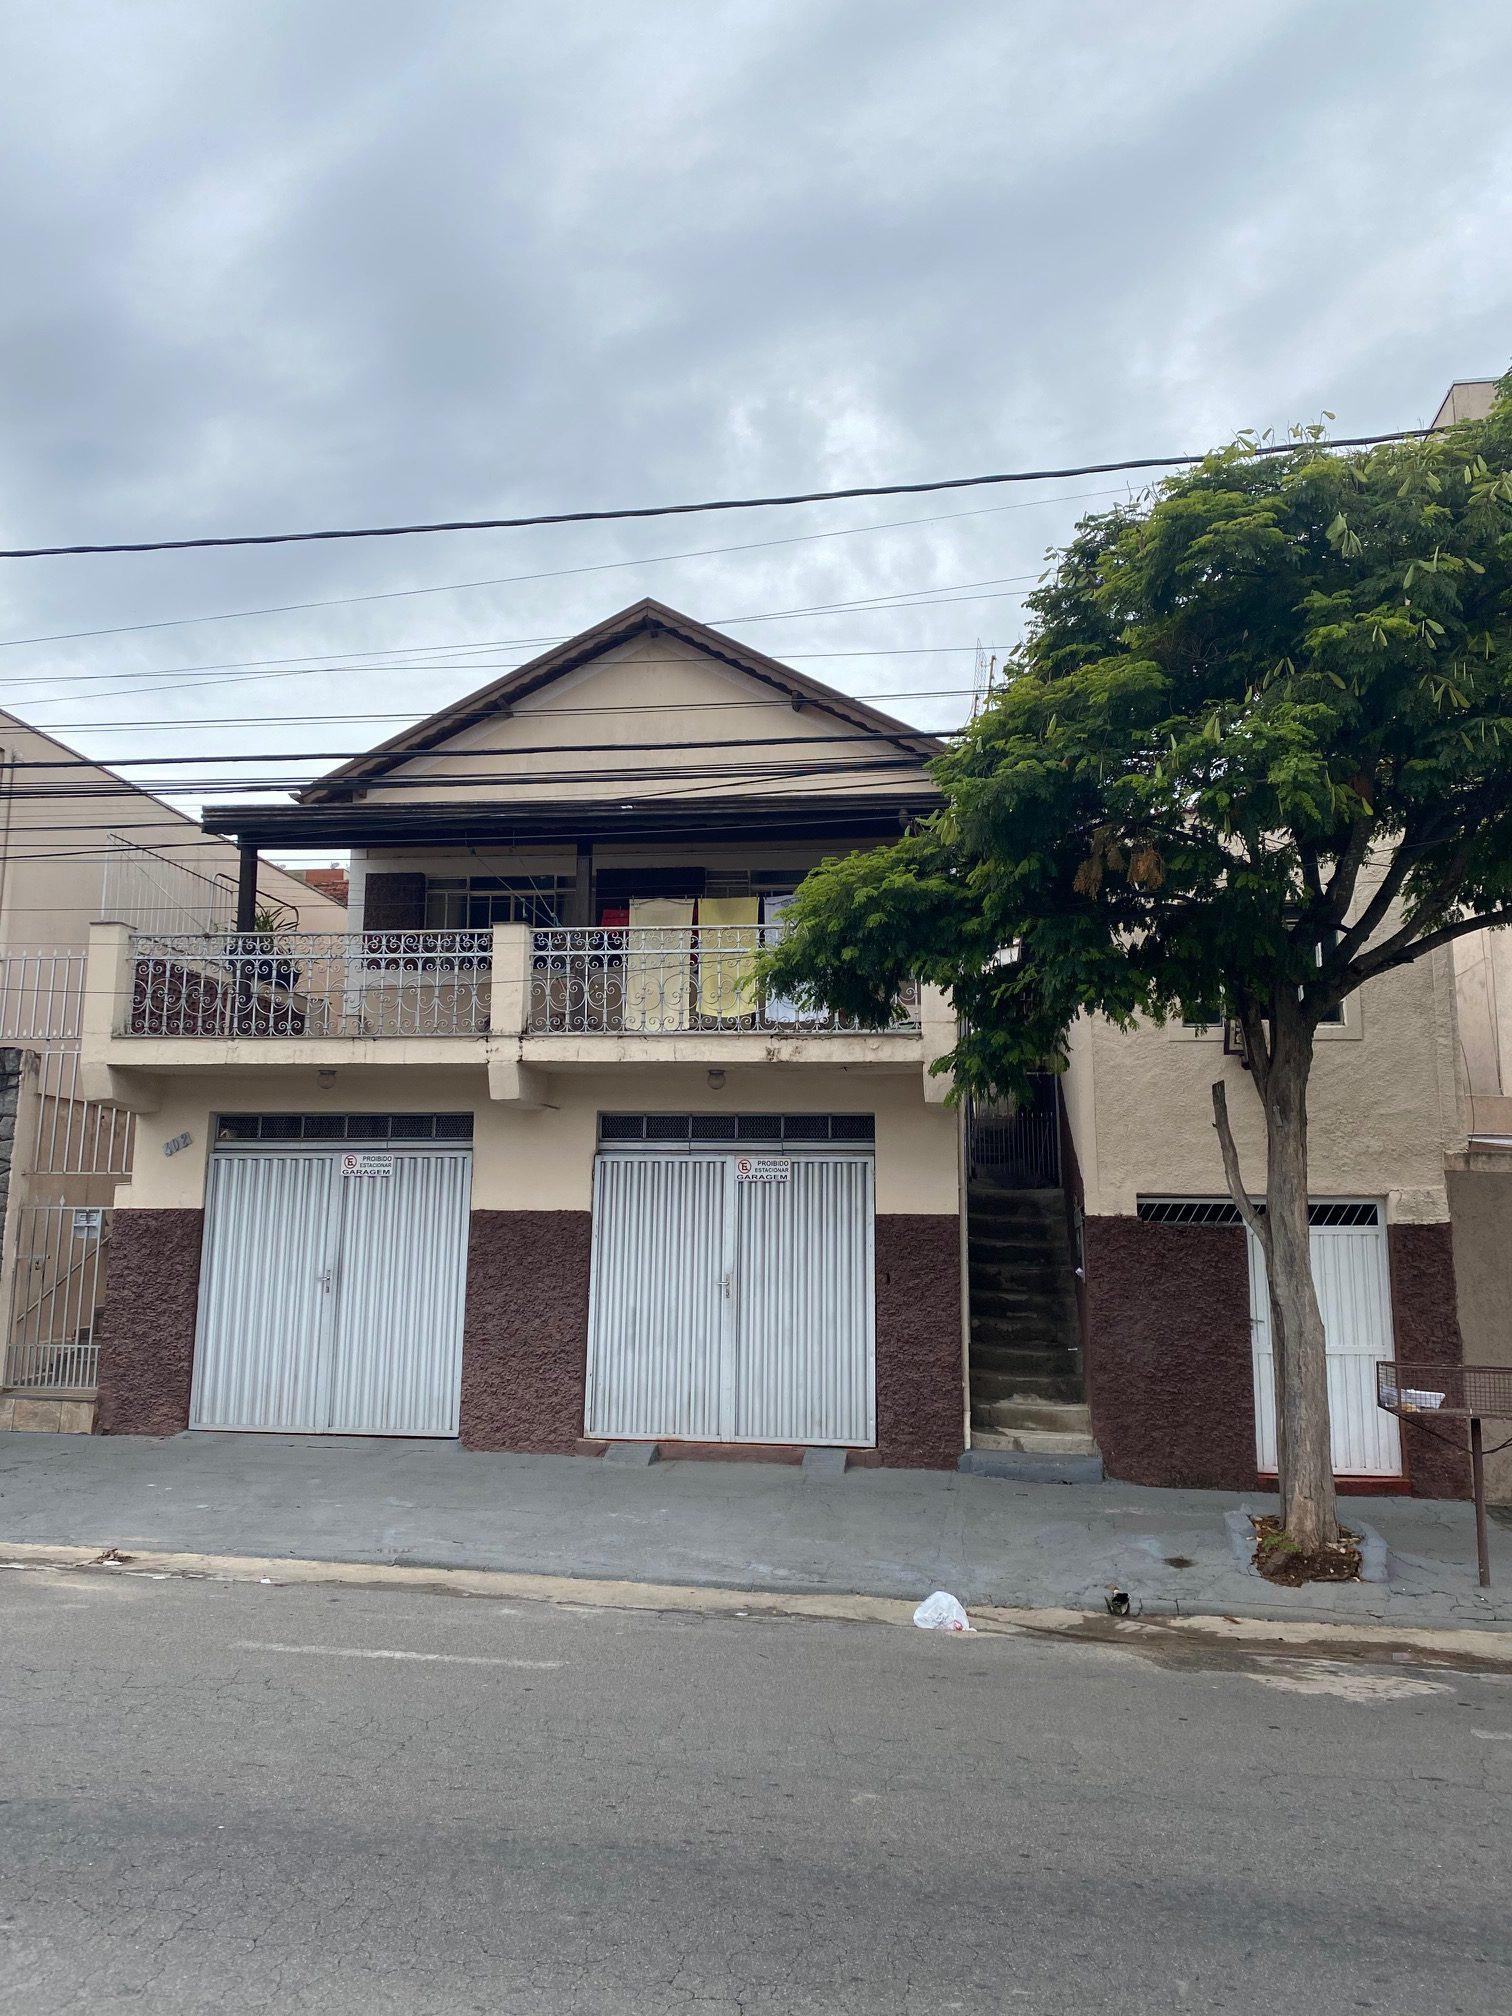 Cód 1489C -OPORTUNIDADE : Casa próxima ao Centro  , com 07 unidades todas alugadas .